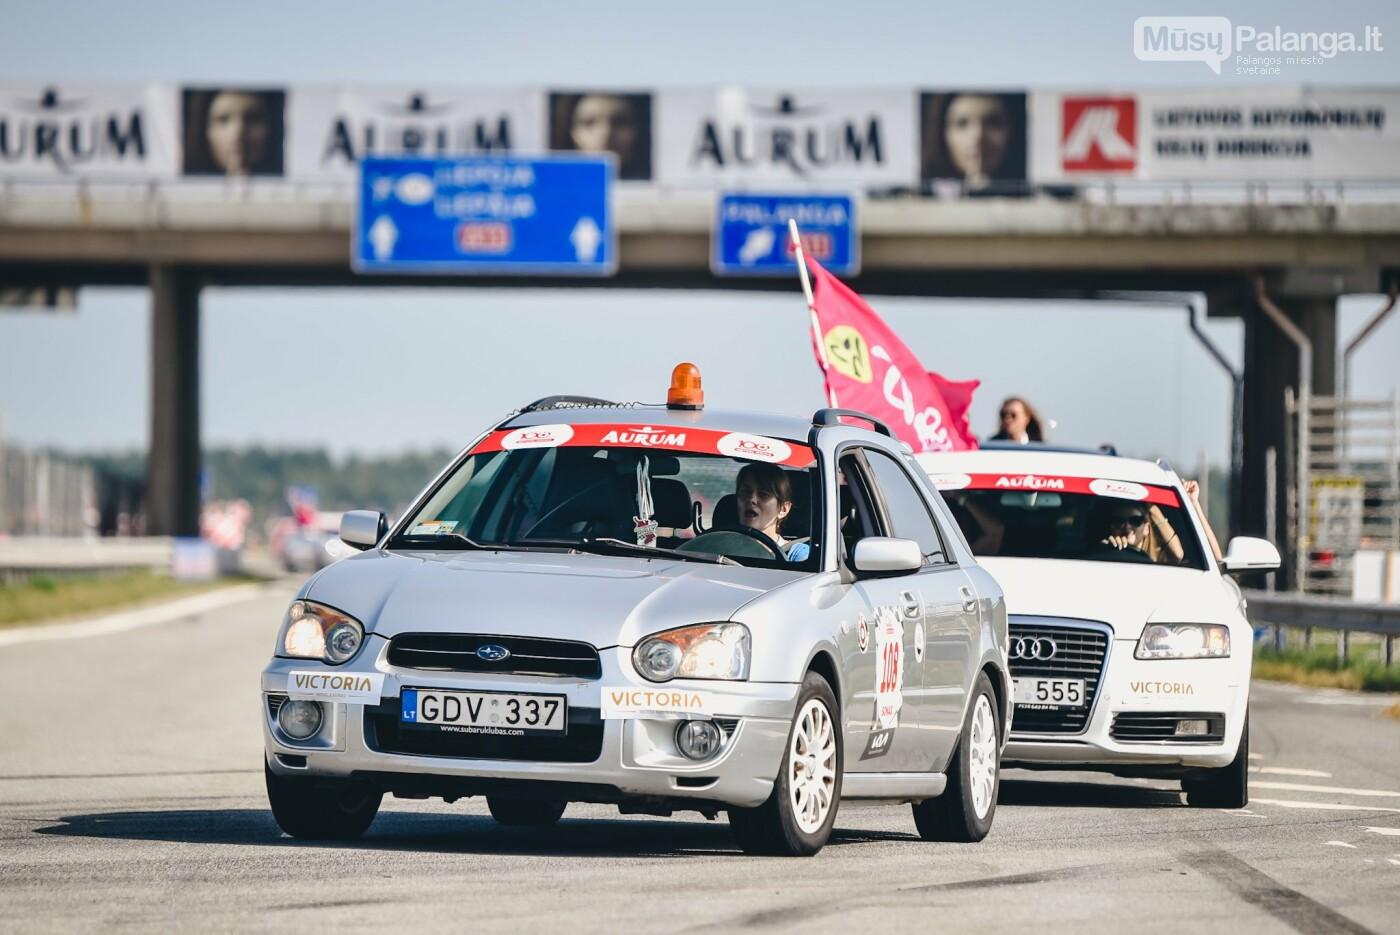 Žiūrovus žavėjo kilometrinė moterų iššūkio dalyvių kolona, nuotrauka-4, Vytauto PILKAUSKO ir Arno STRUMILOS nuotraukos